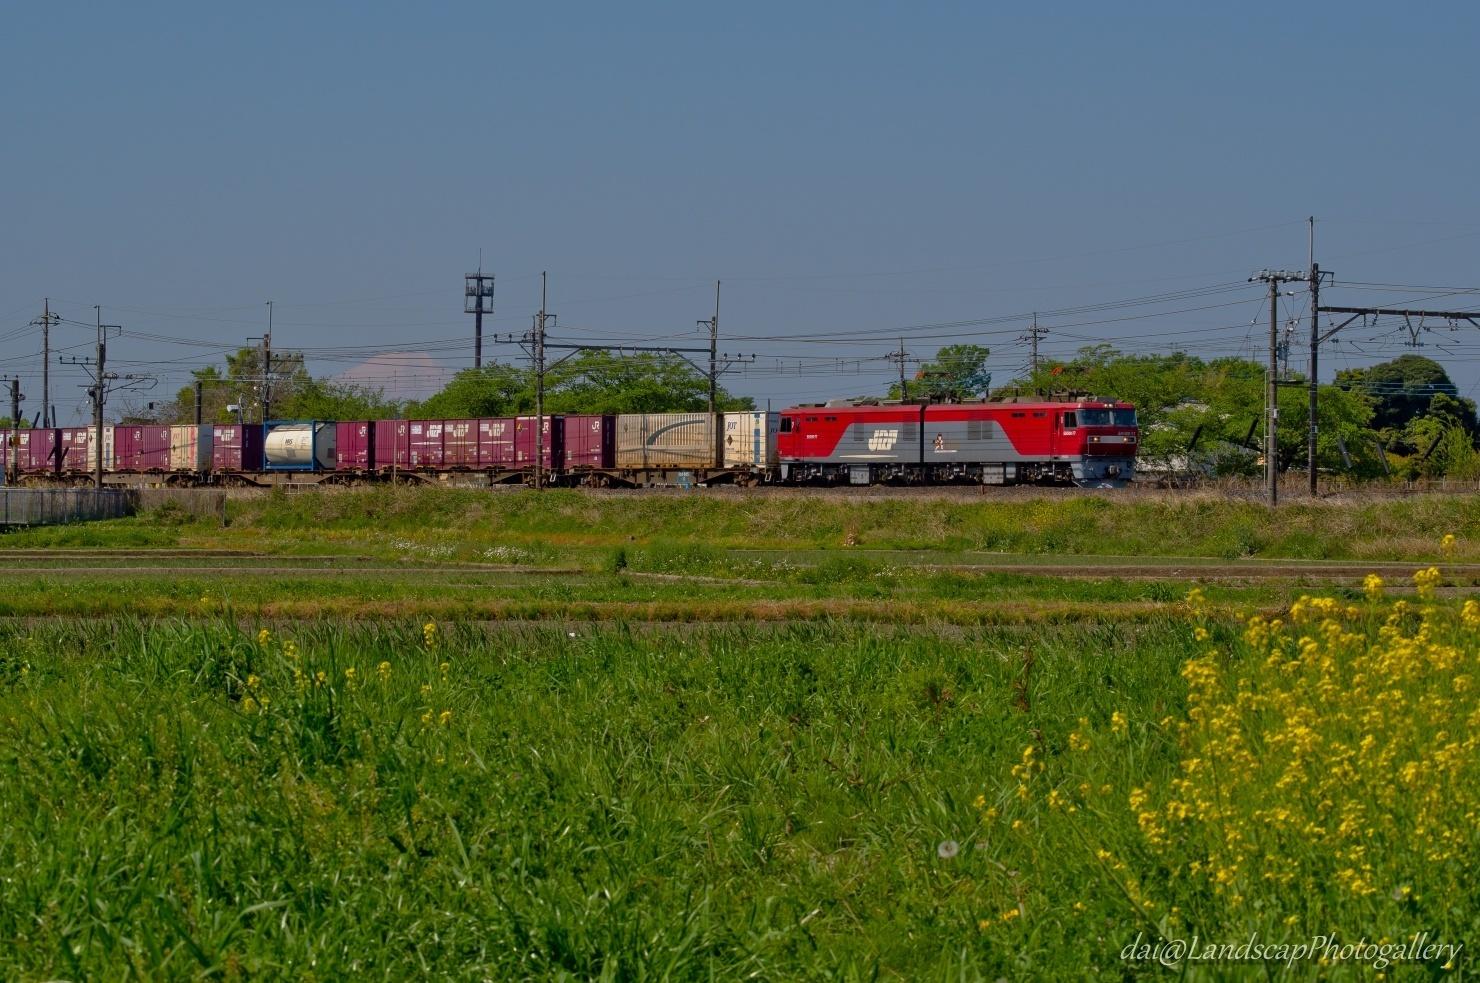 菜の花と富士山と貨物列車